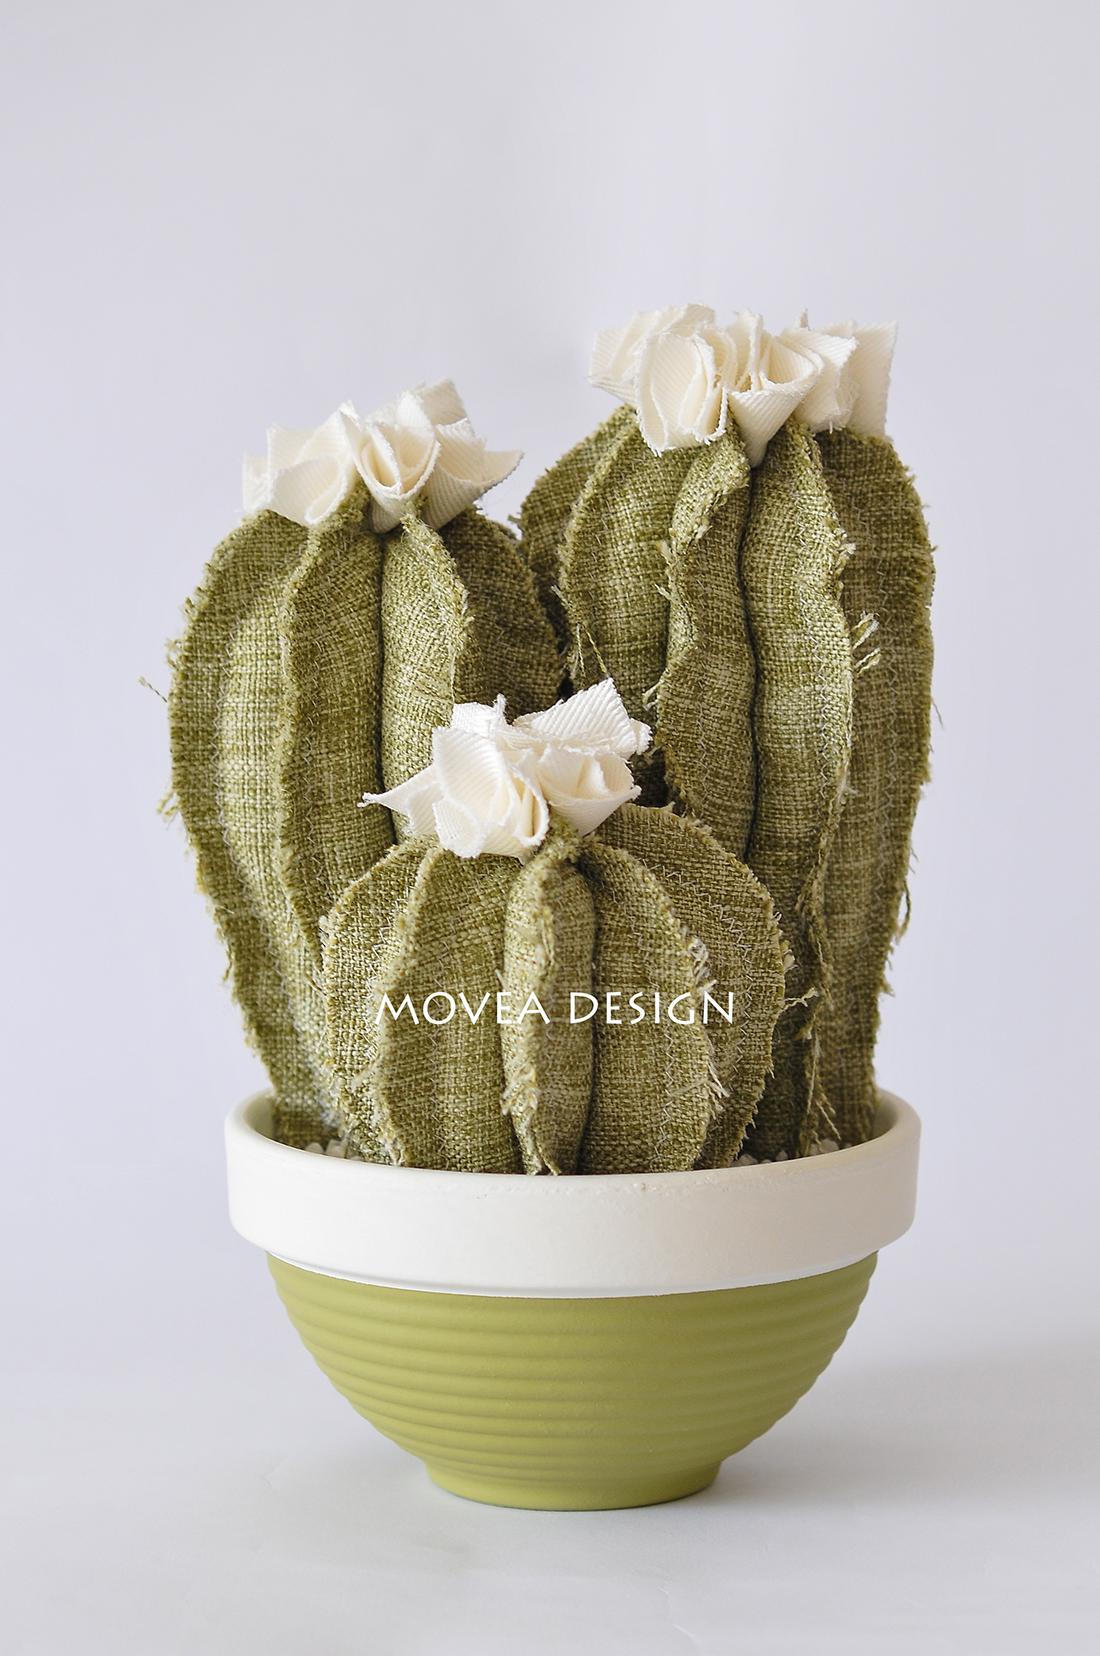 Tris cactus artificiali in tessuto color verde salvia